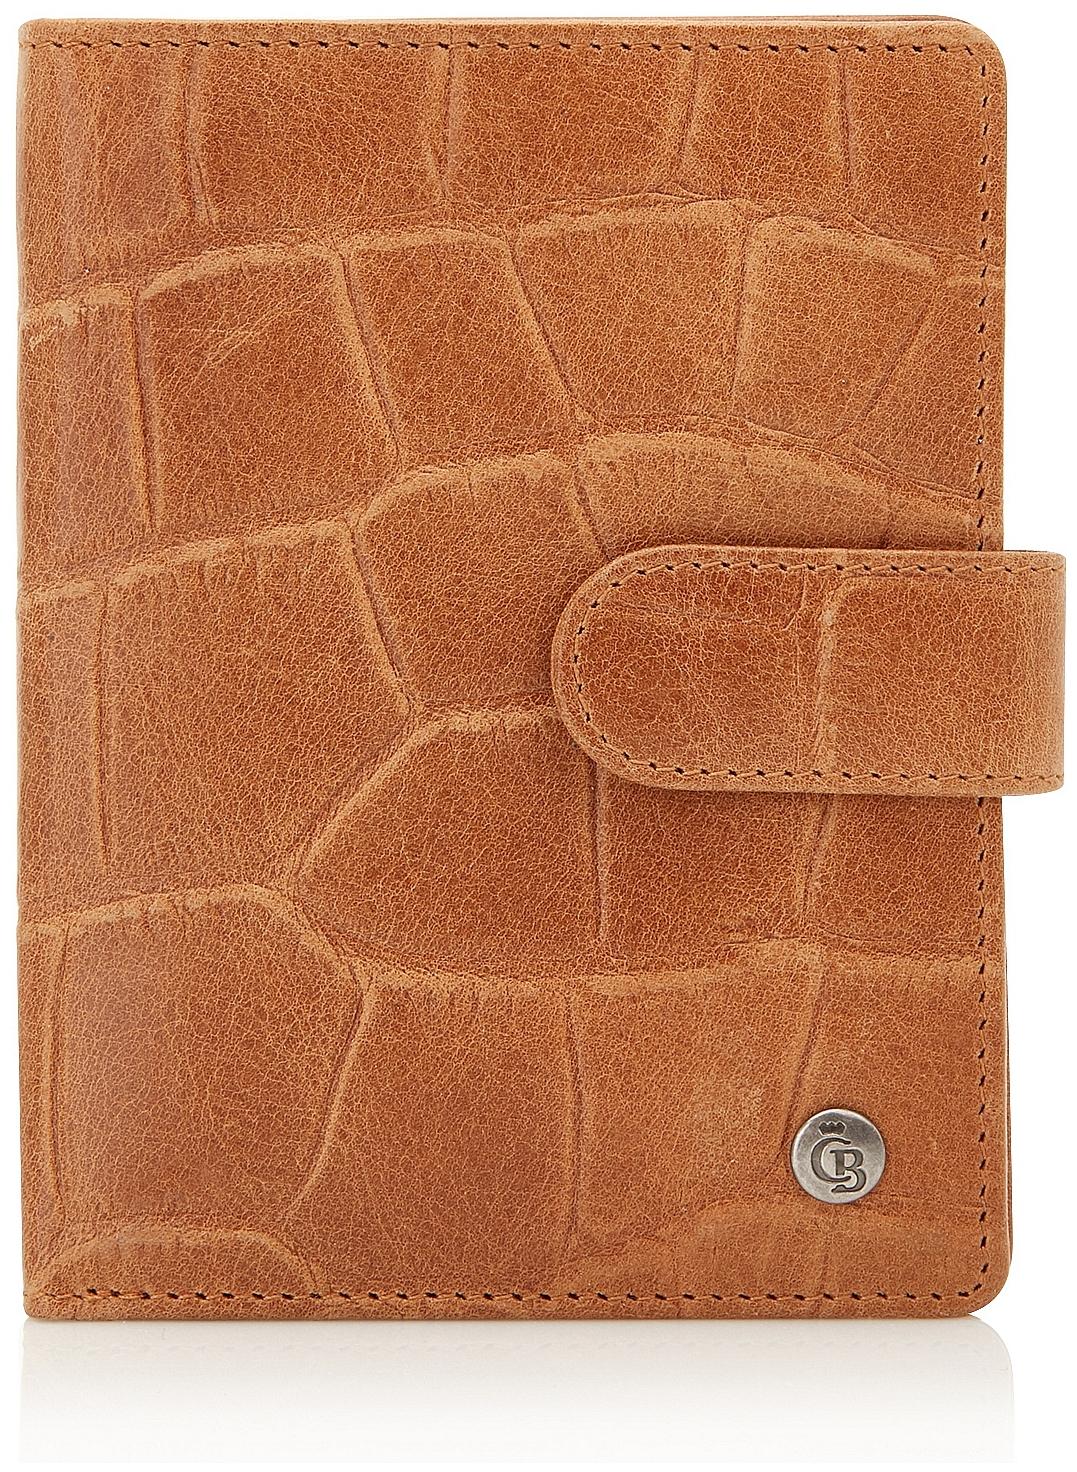 Castelijn & Beerens Dámská kožená peněženka RFID 465415 LB koňak